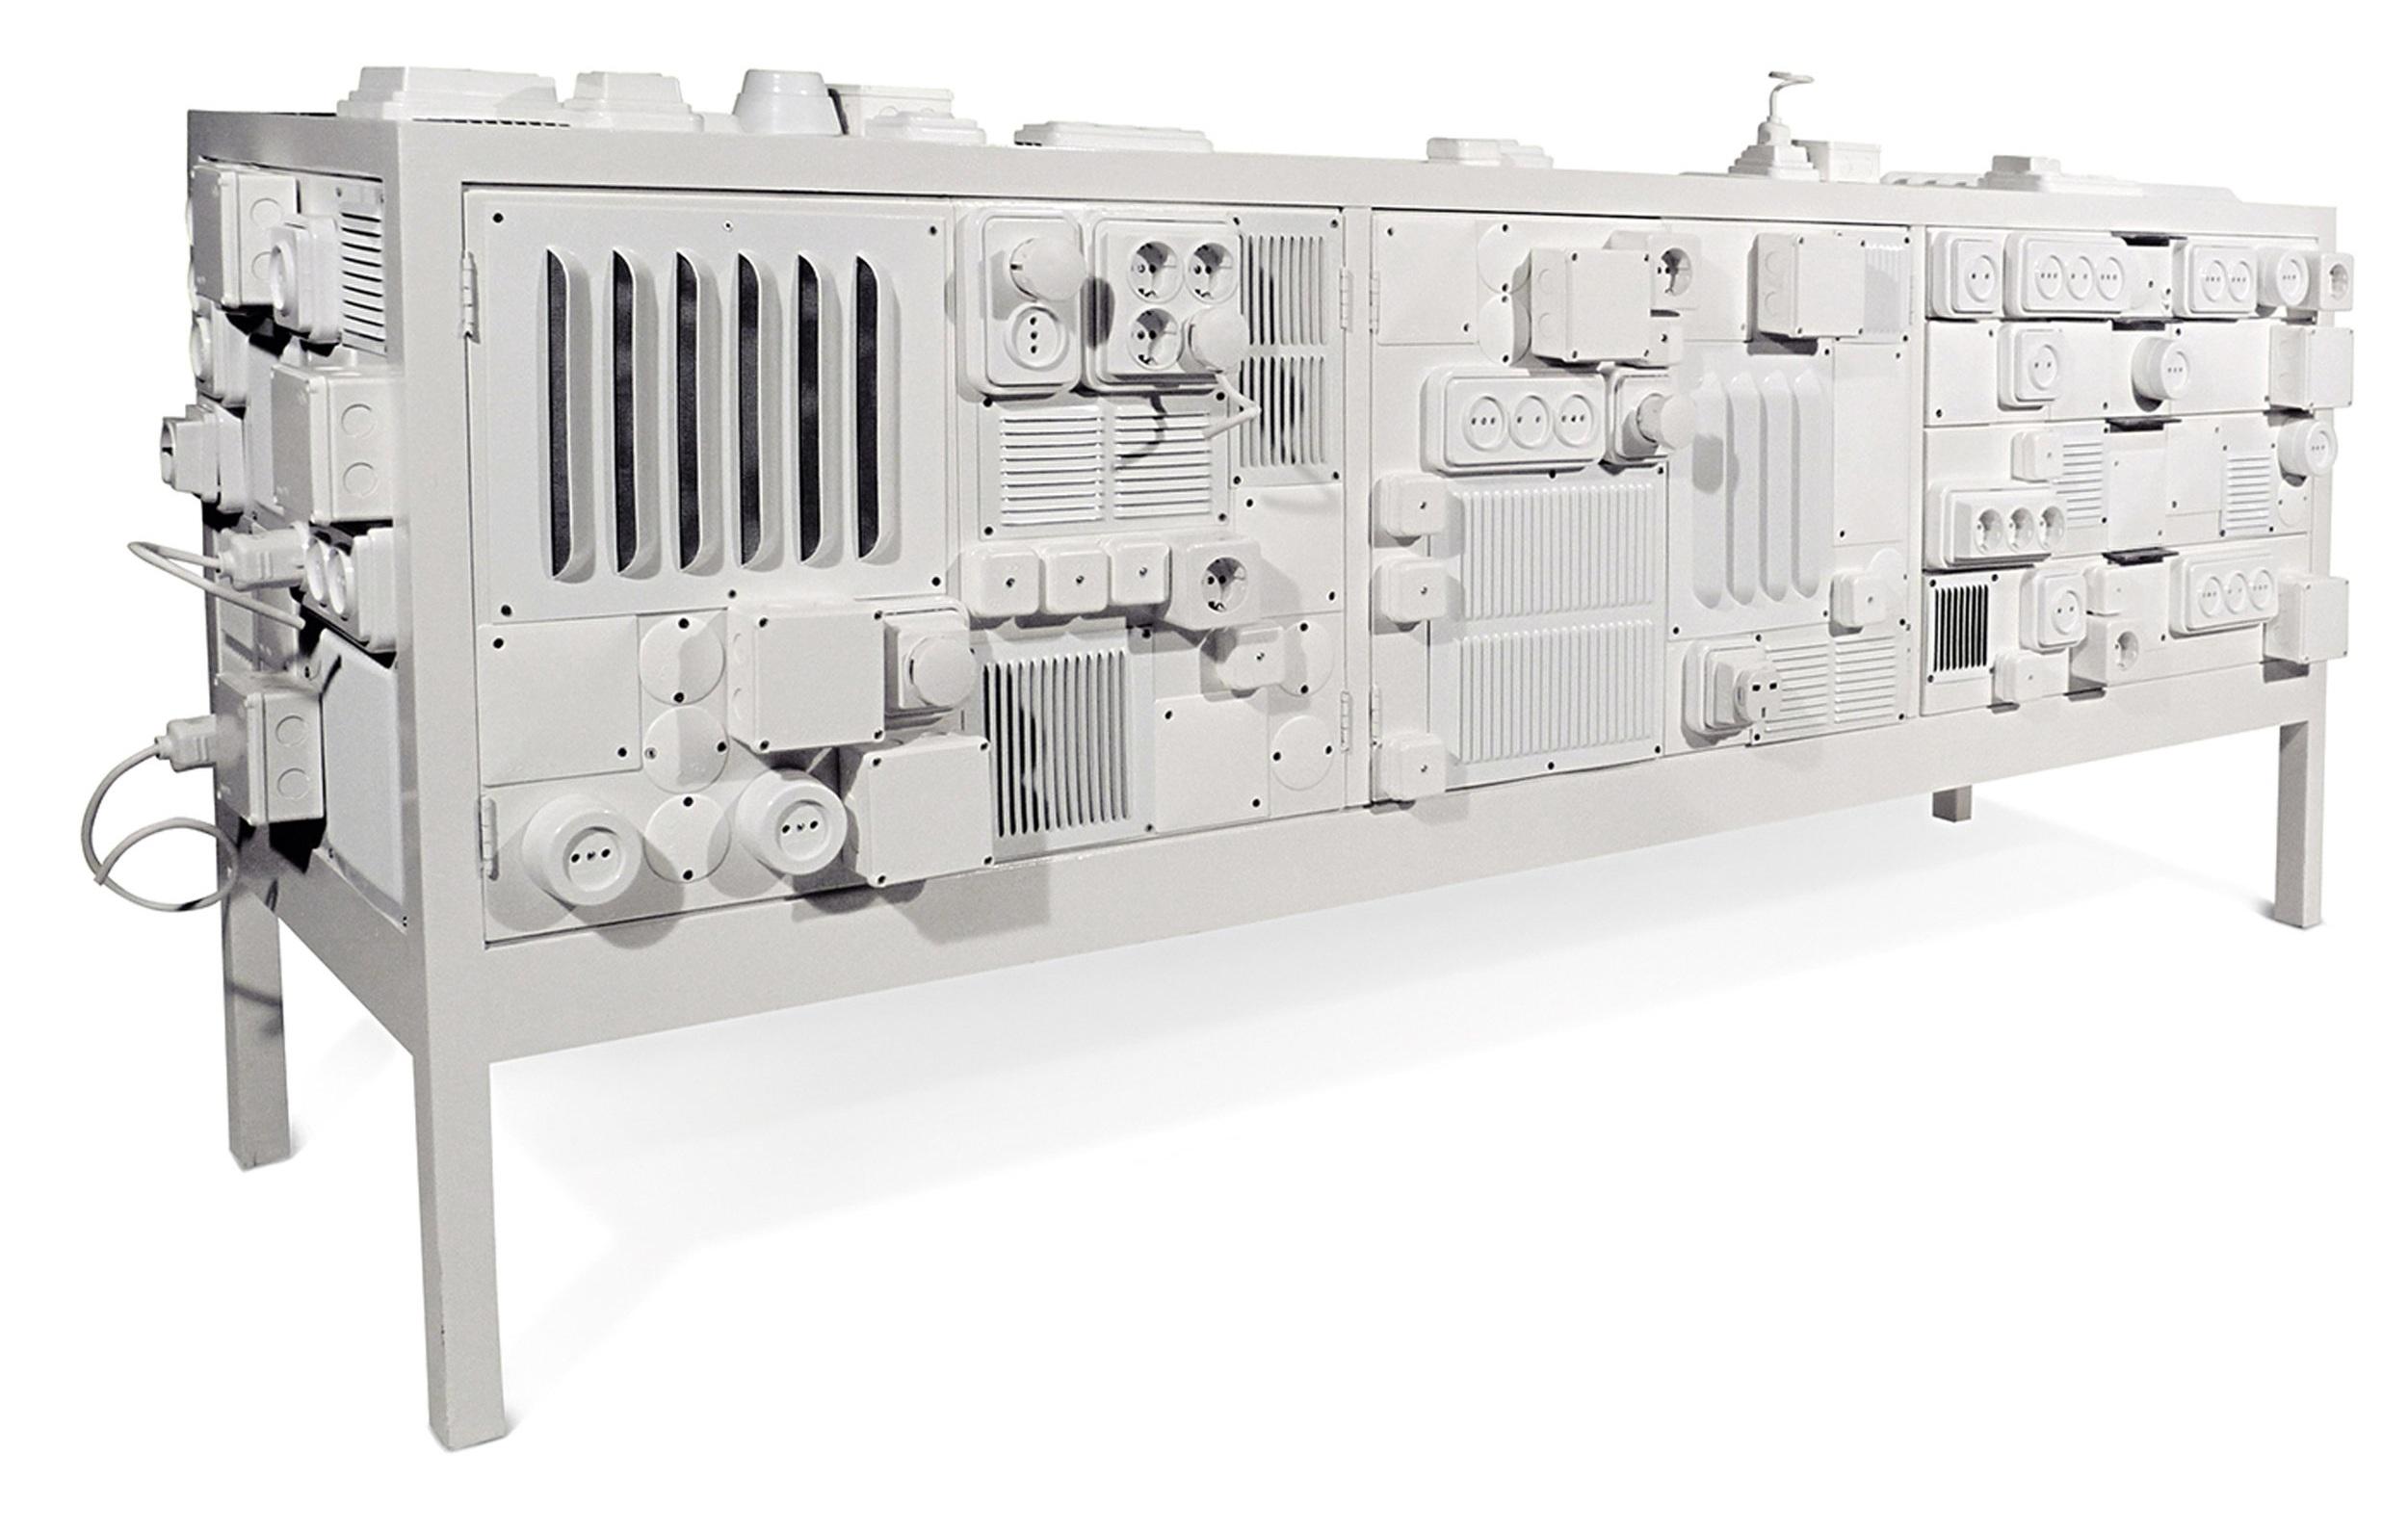 Aparador de madeira pintado, com aplicações de fichas, tomadas e diversos materiais elétricos.   Handpainted wooden sideboard, plugs, sockets and miscellaneous wiring and connecting materials.